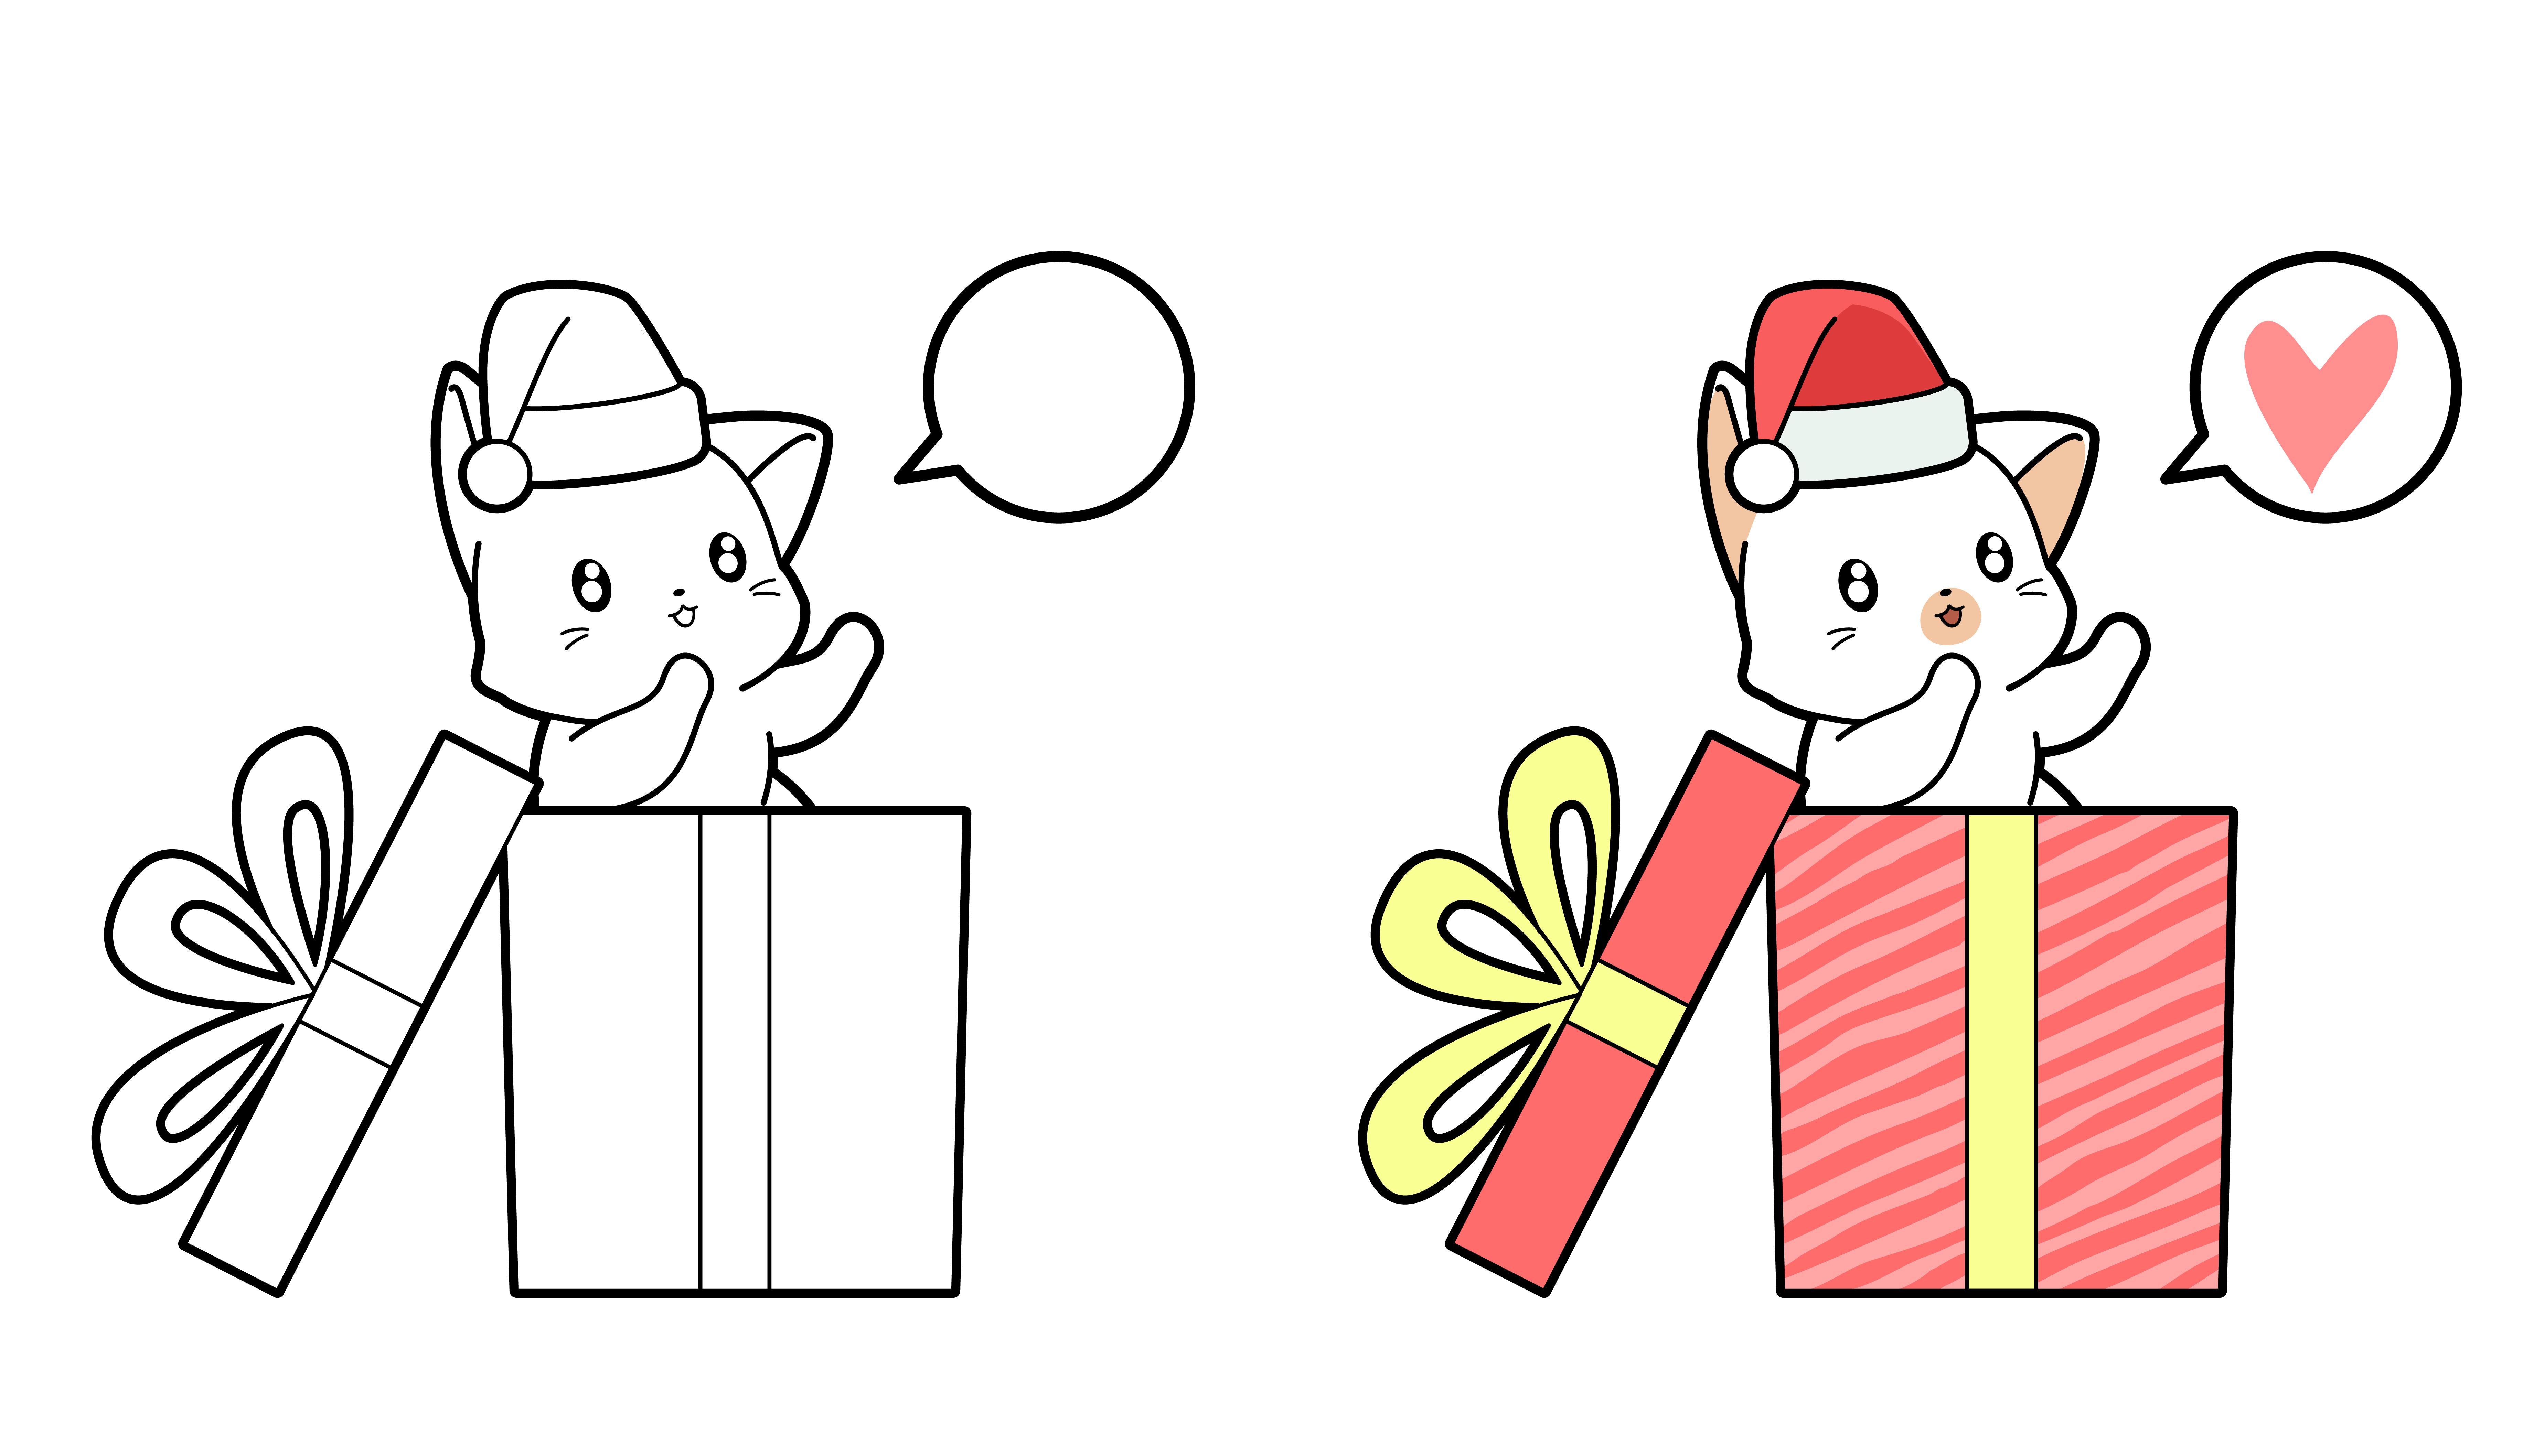 Chat Dans La Boite Coloriage De Dessin Anime Pour Les Enfants Telecharger Vectoriel Gratuit Clipart Graphique Vecteur Dessins Et Pictogramme Gratuit